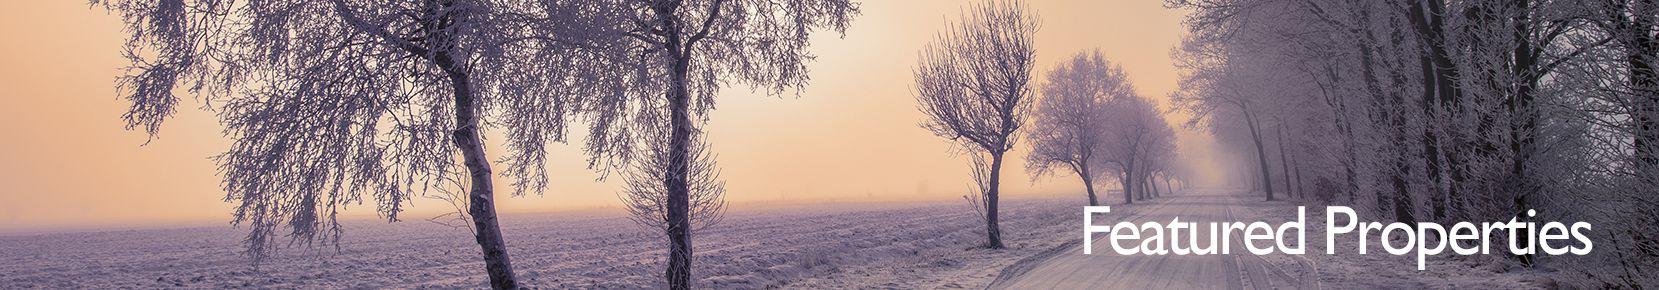 Featured Properties Winter 2018